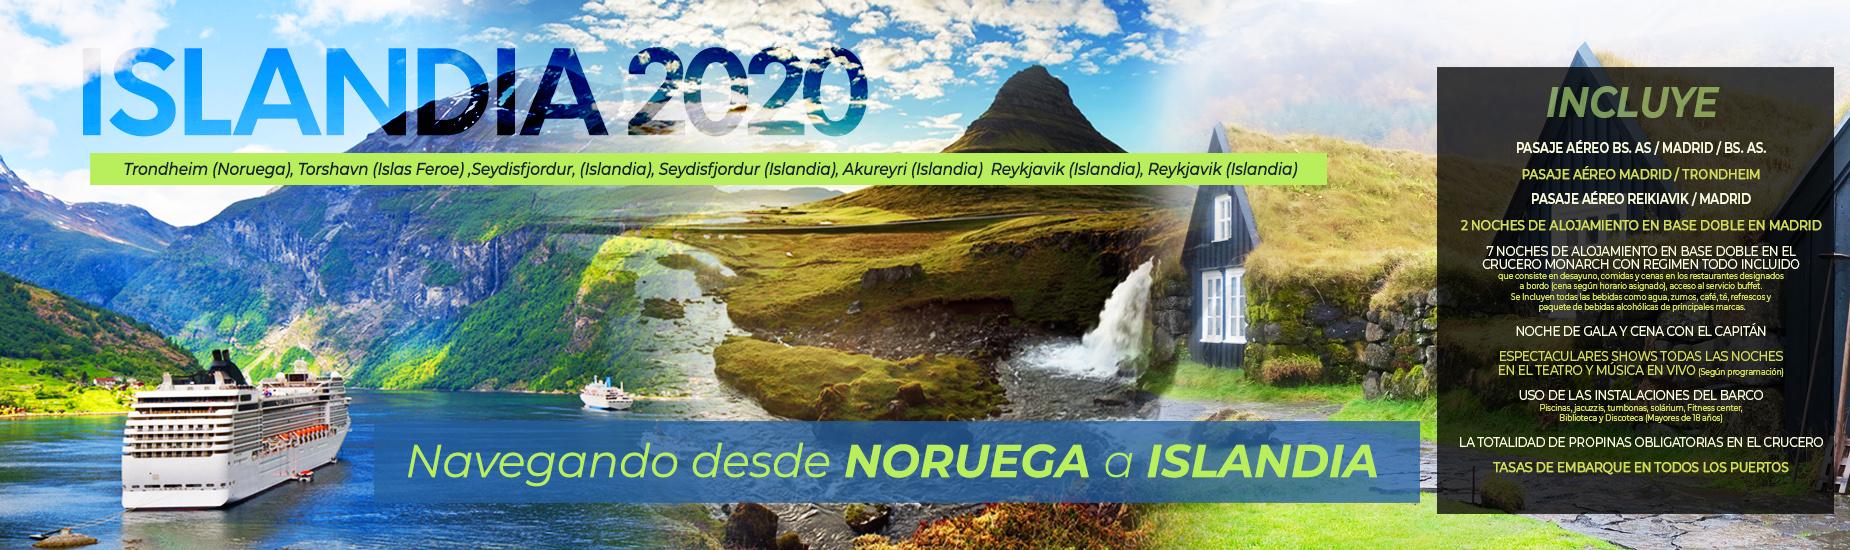 ISLANDIA 2020